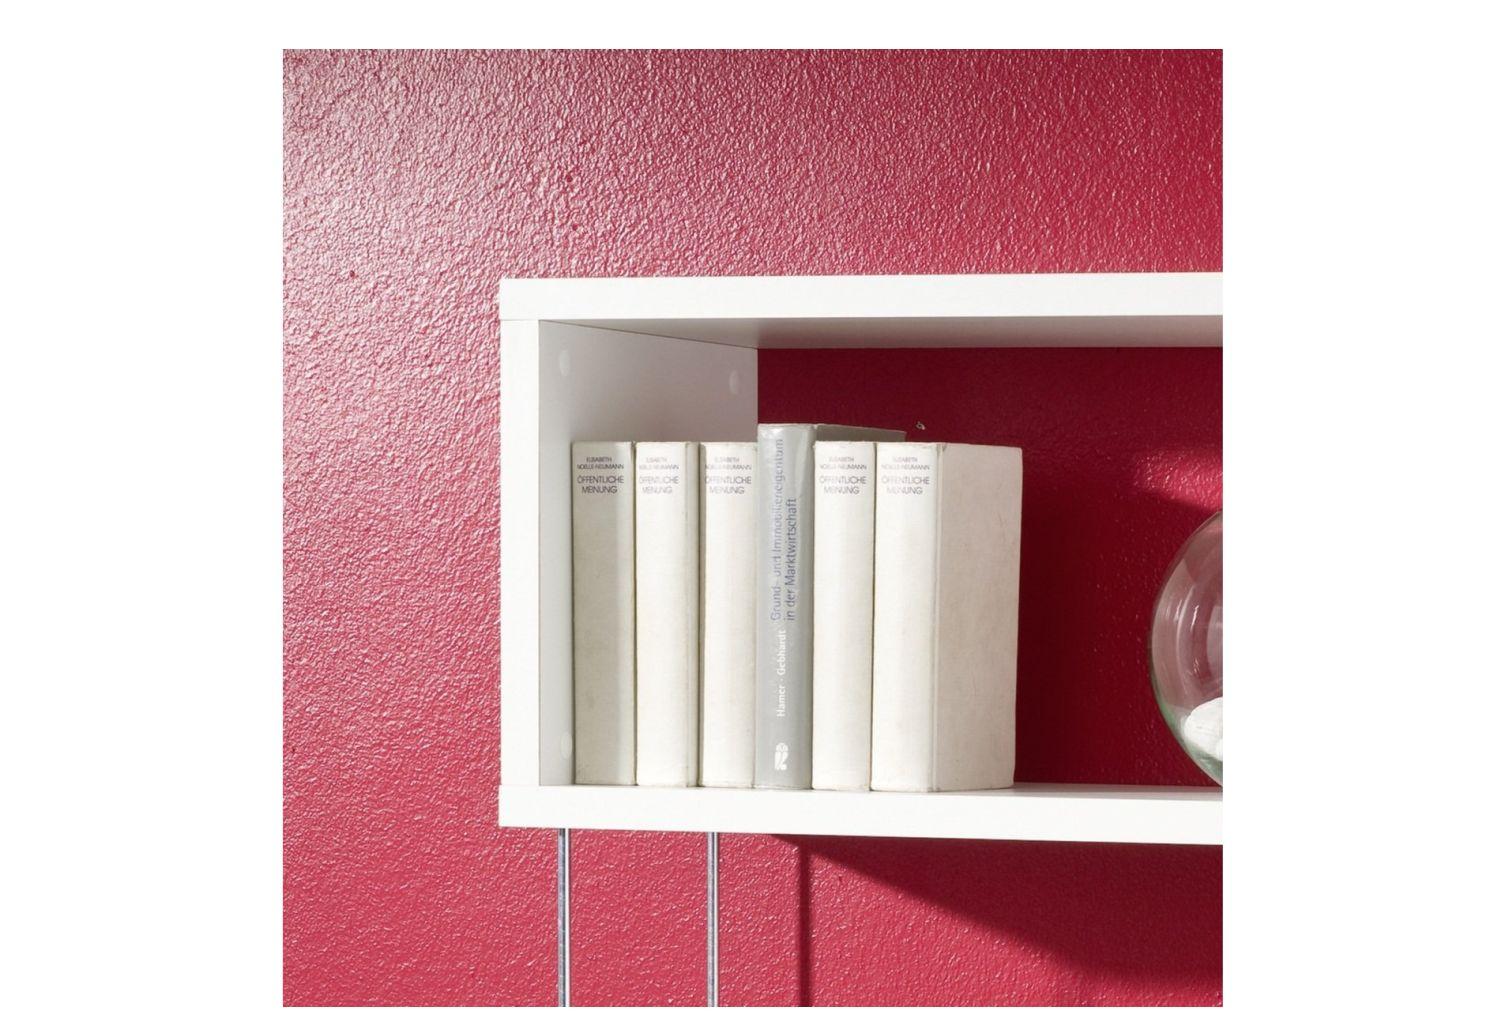 weiss standregal dekoregal regale regal b cherregal neu. Black Bedroom Furniture Sets. Home Design Ideas